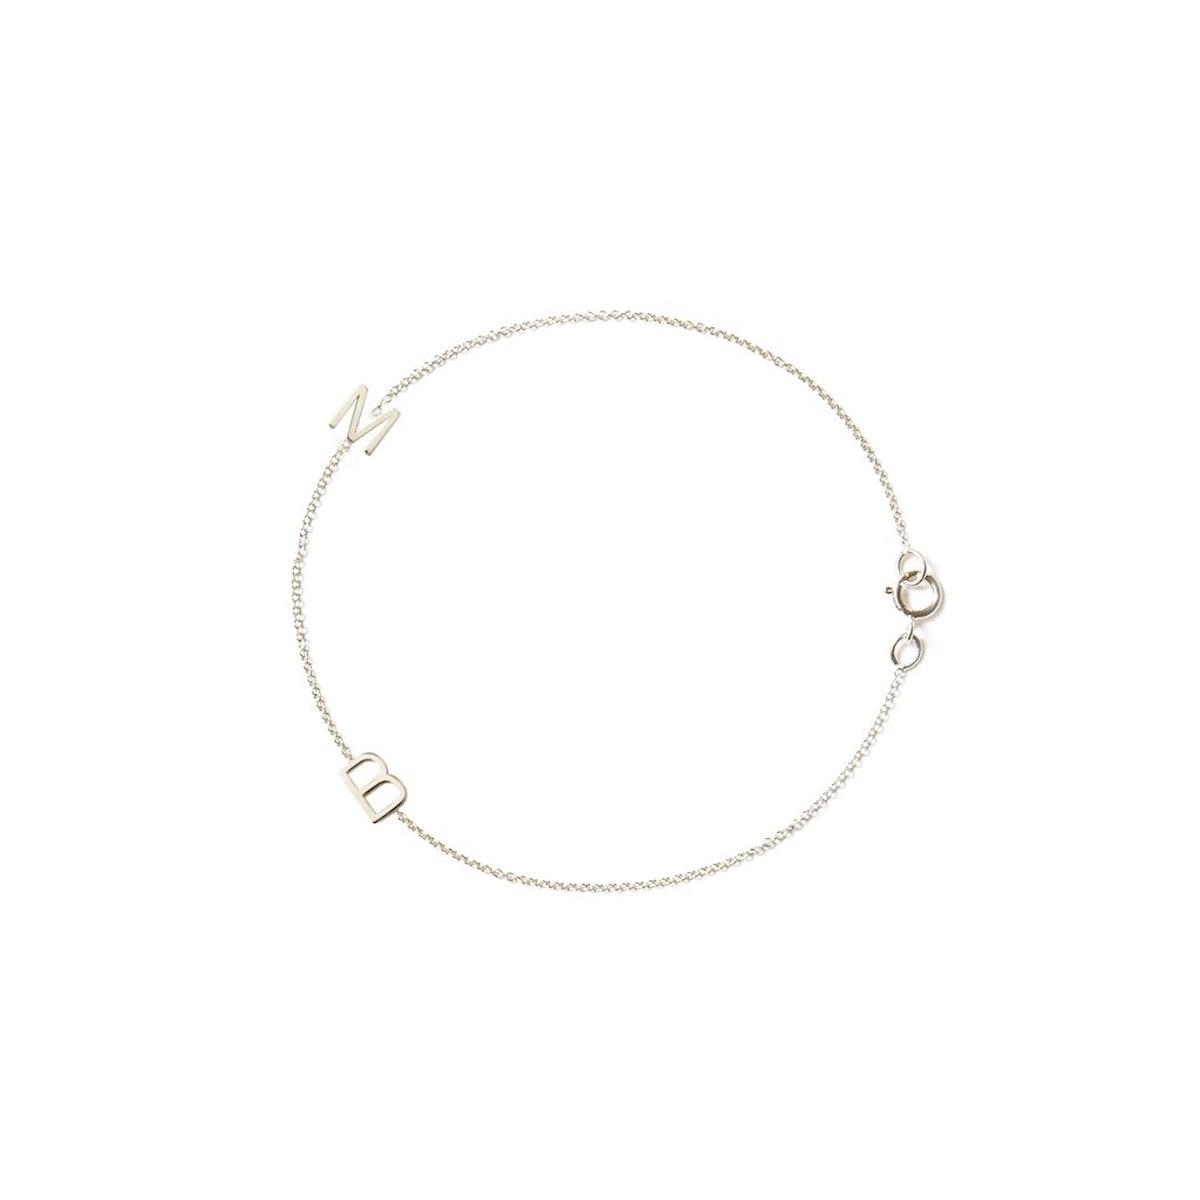 14K Gold 2 Letter & Charm Bracelet